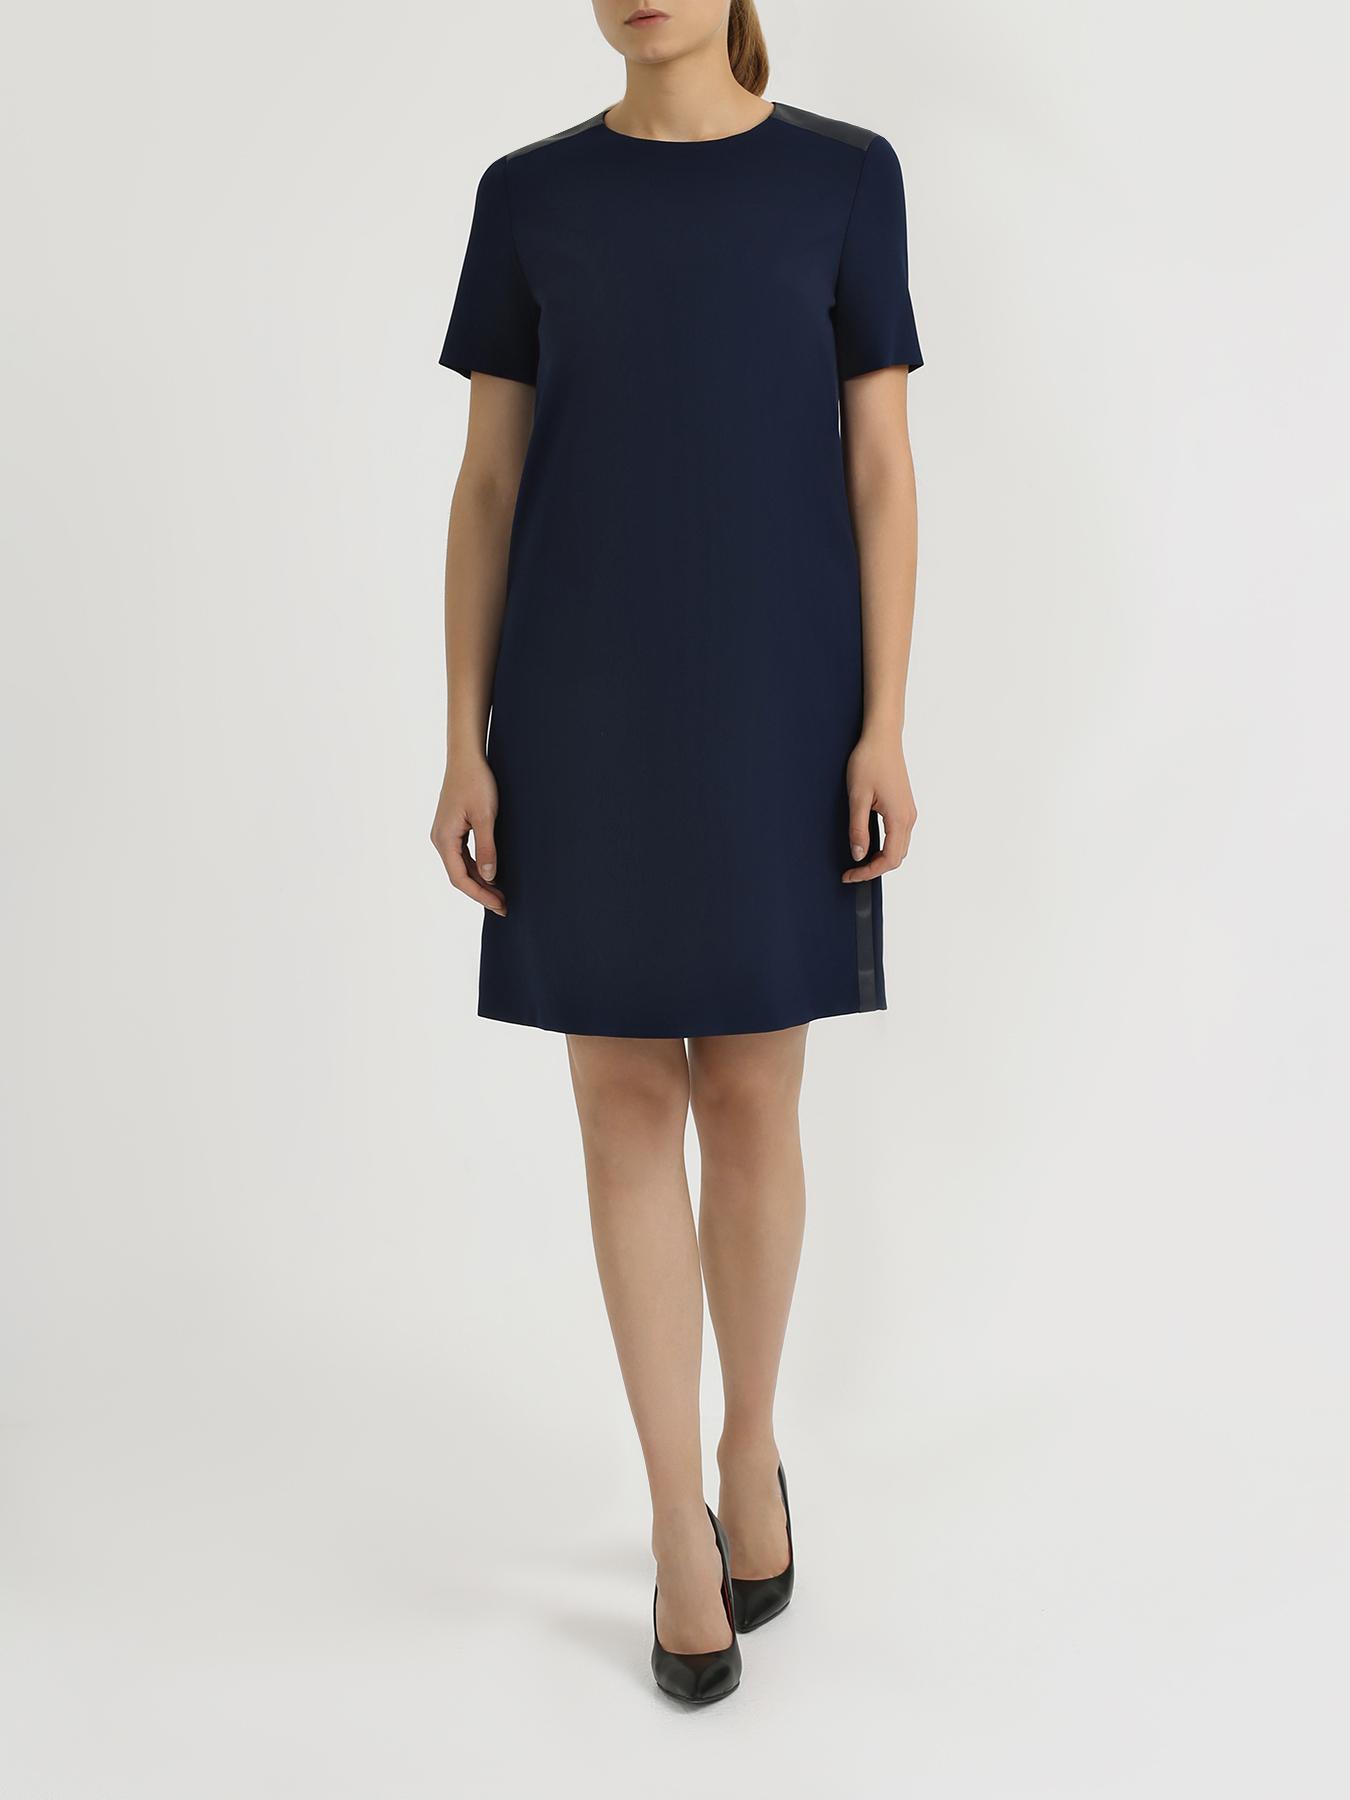 Korpo Two Платье с коротким рукавом фото